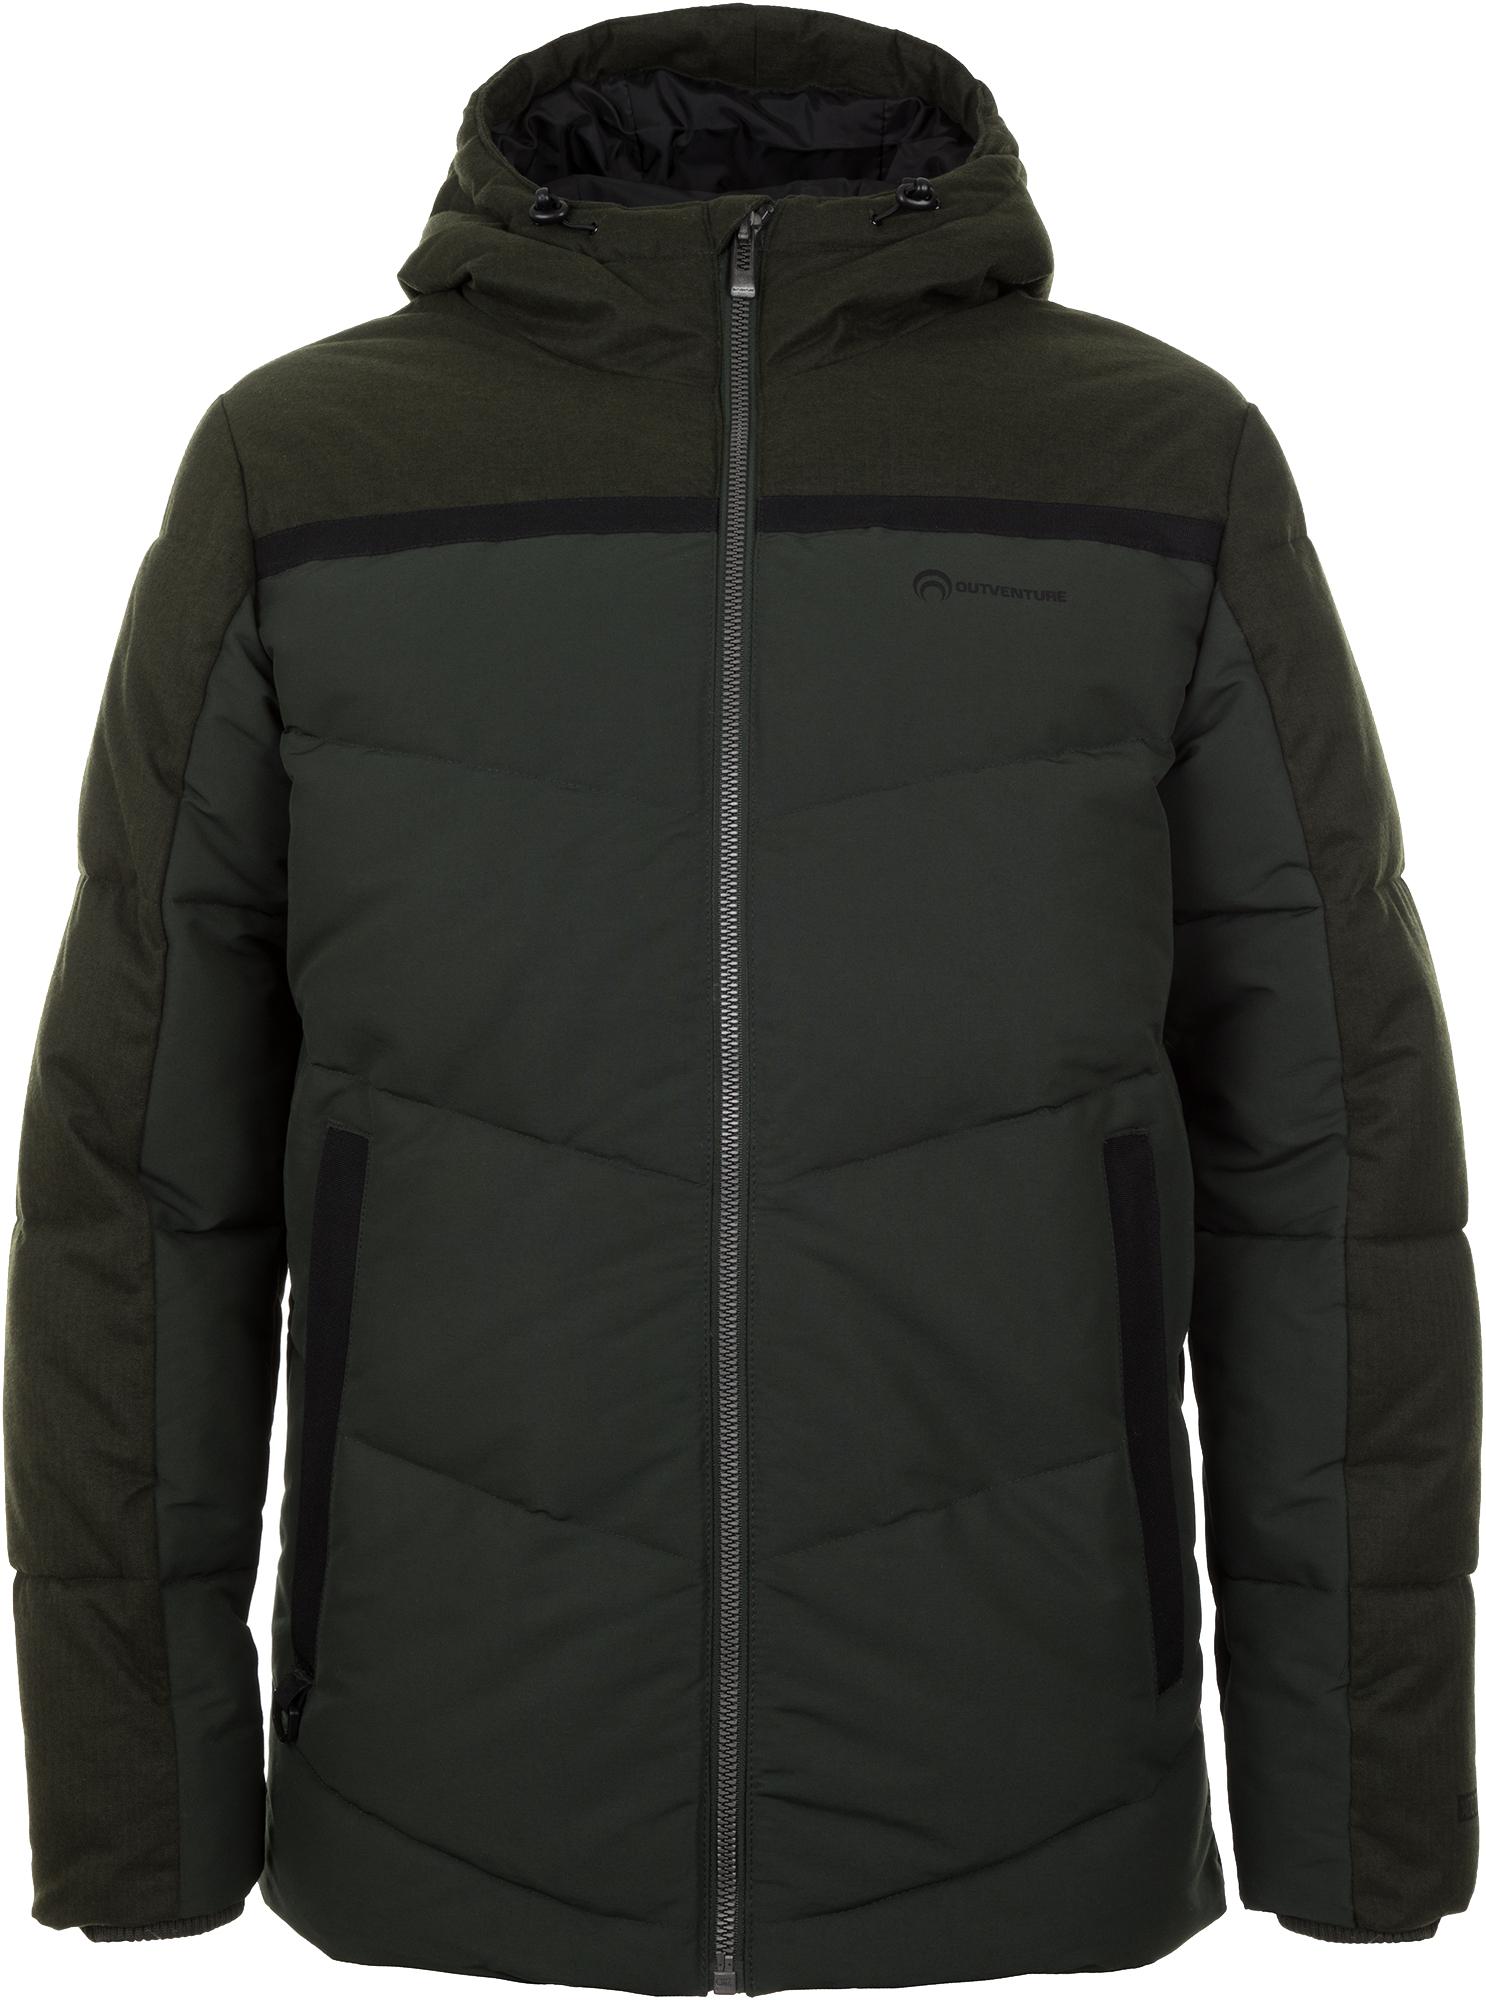 Outventure Куртка пуховая мужская Outventure, размер 50